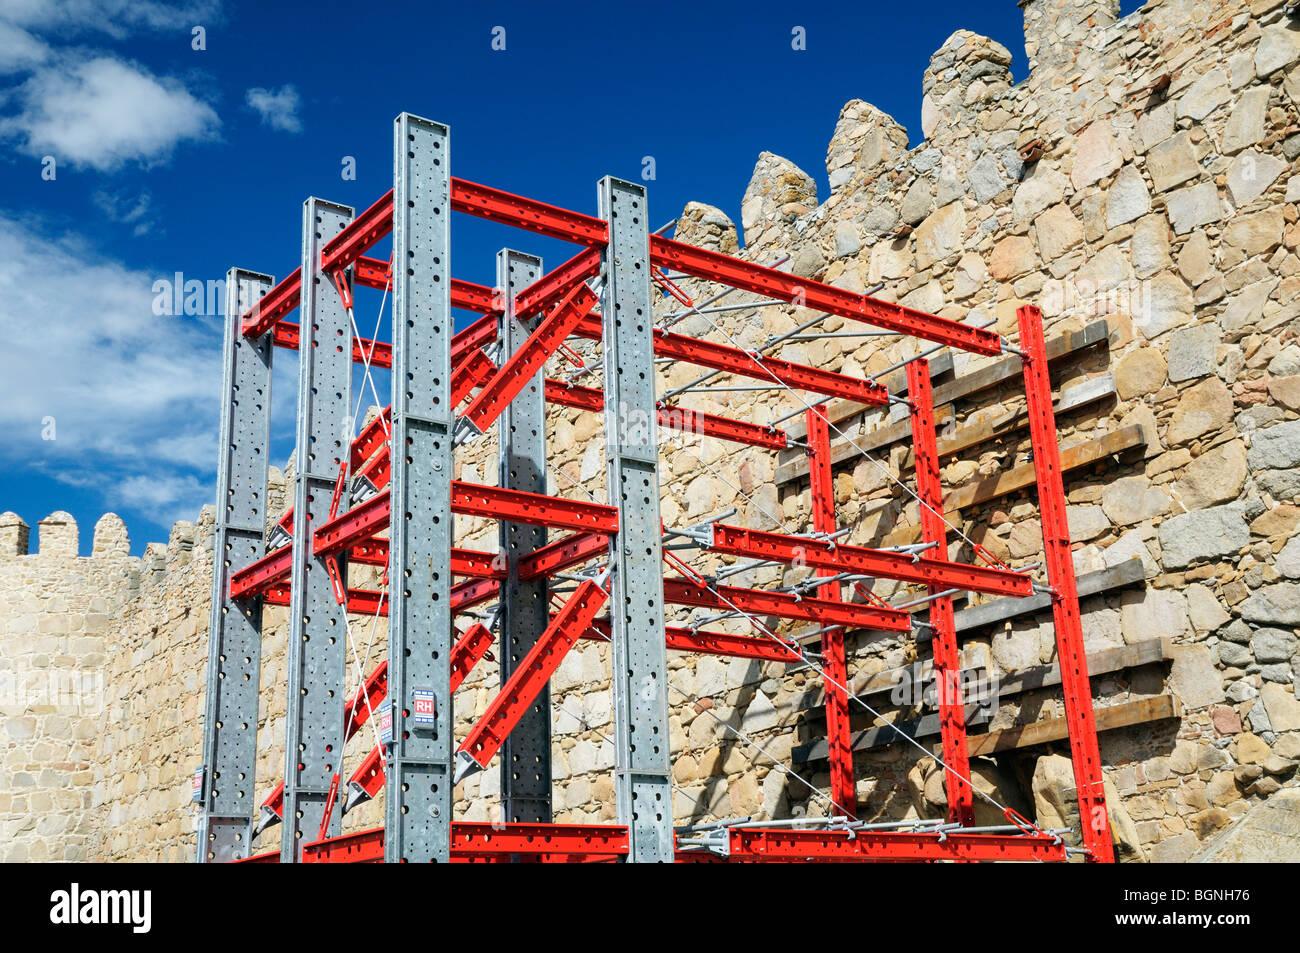 Ponteggio specializzati per il rinforzo strutturale, le mura della città di Avila, Spagna Immagini Stock